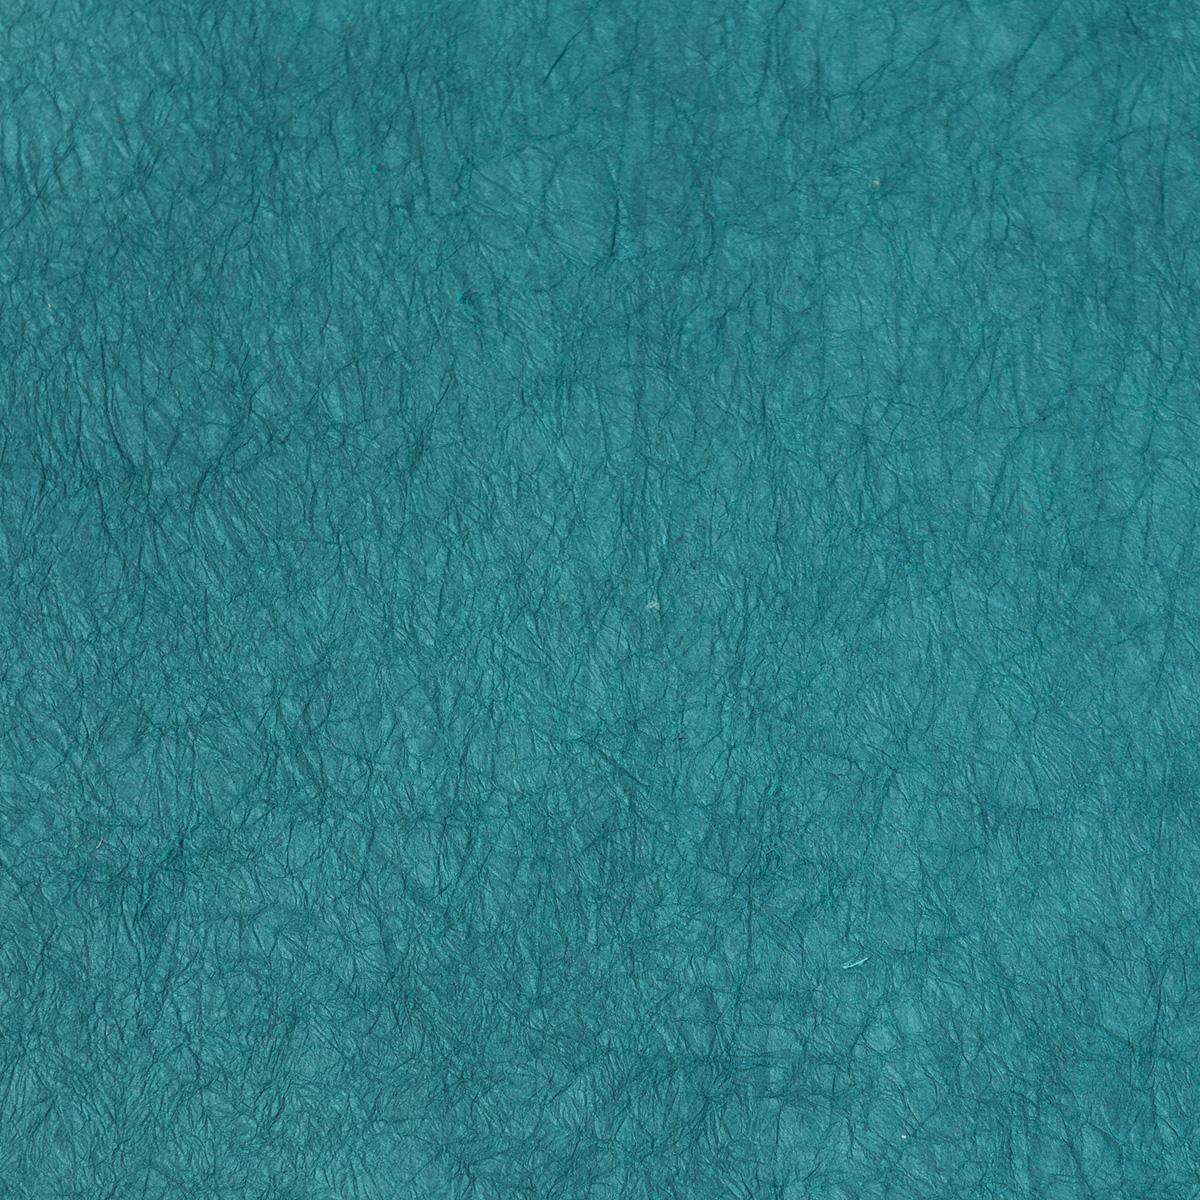 王朝のそめいろ 厚口 39番 深藍色